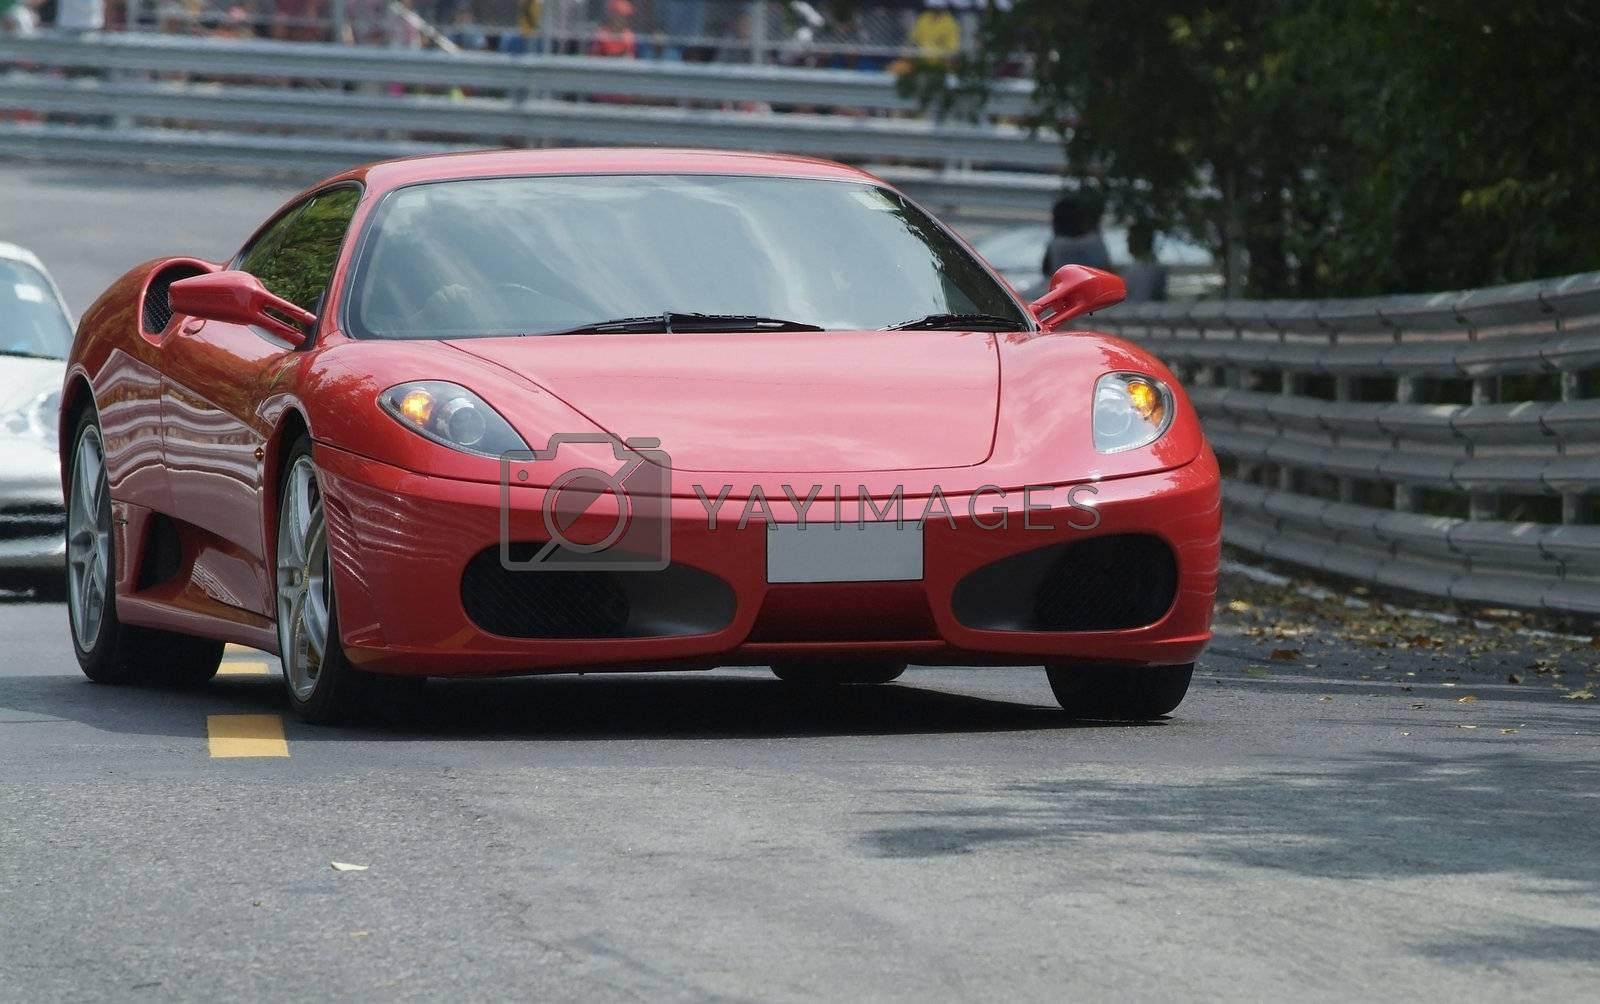 Red, Italian sports car by epixx